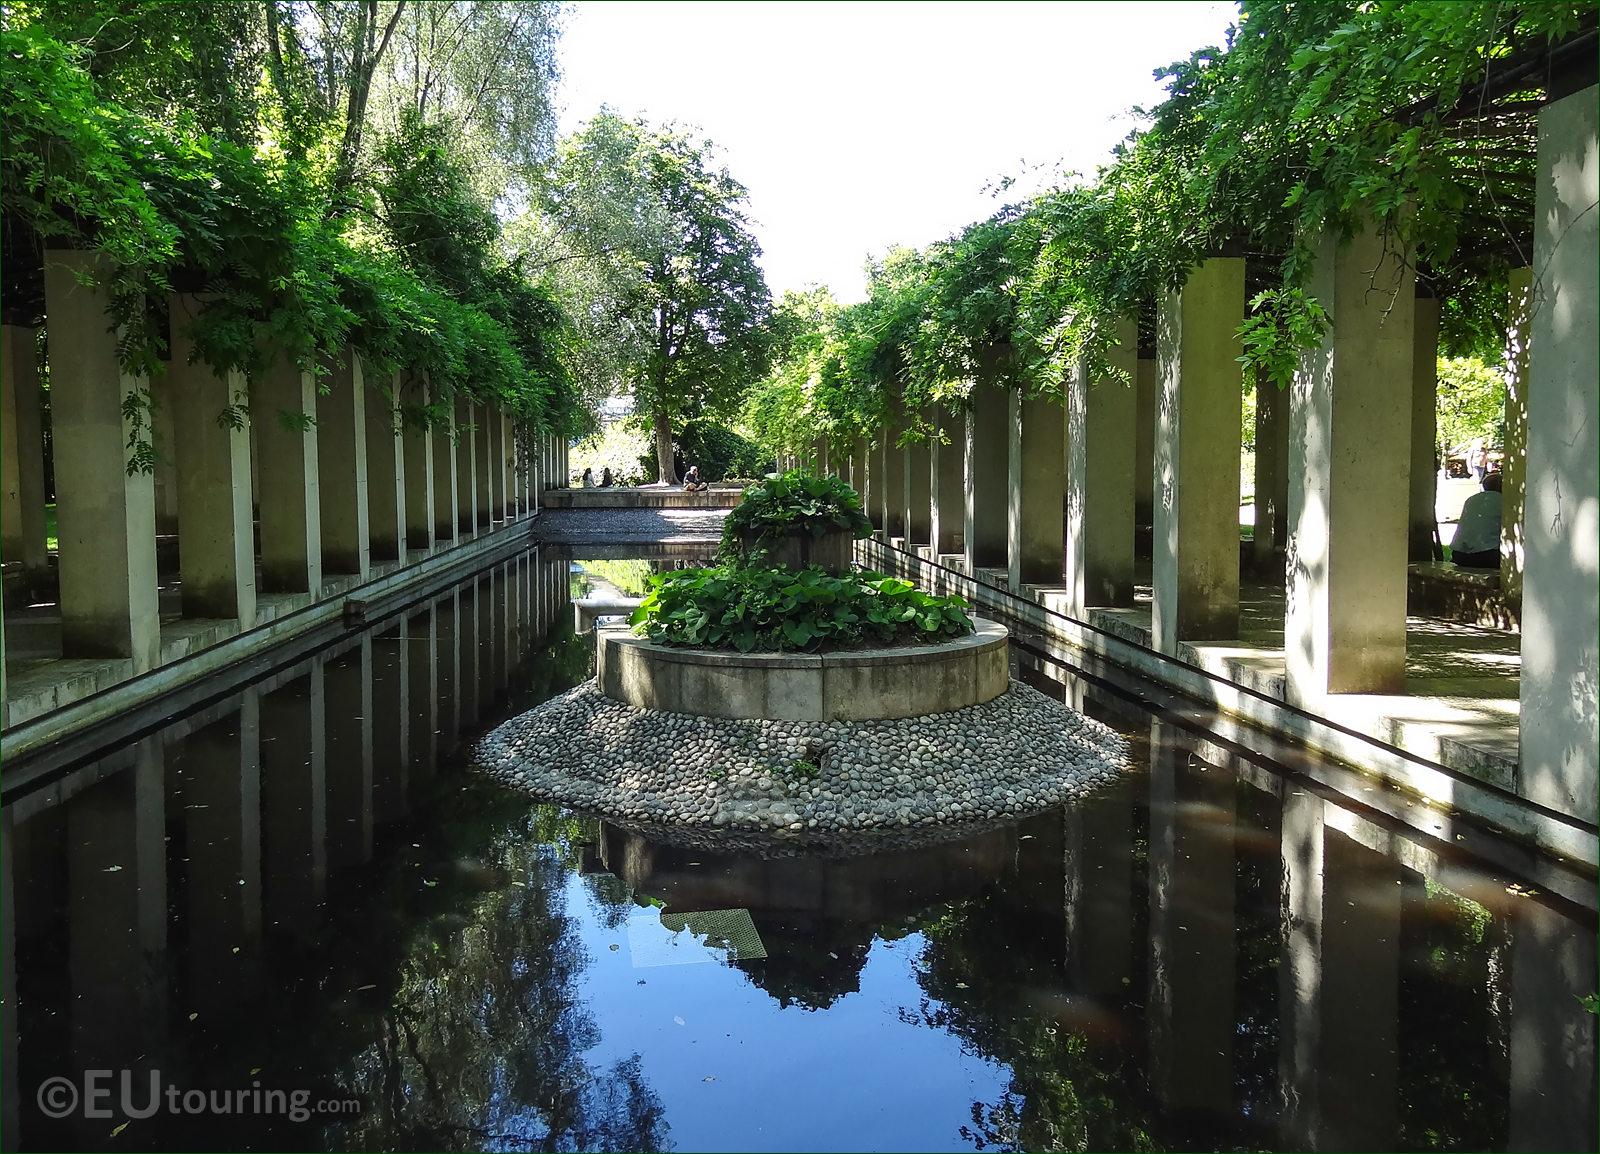 Hd photographs of parc de bercy in paris france - Jardin romantique definition nantes ...